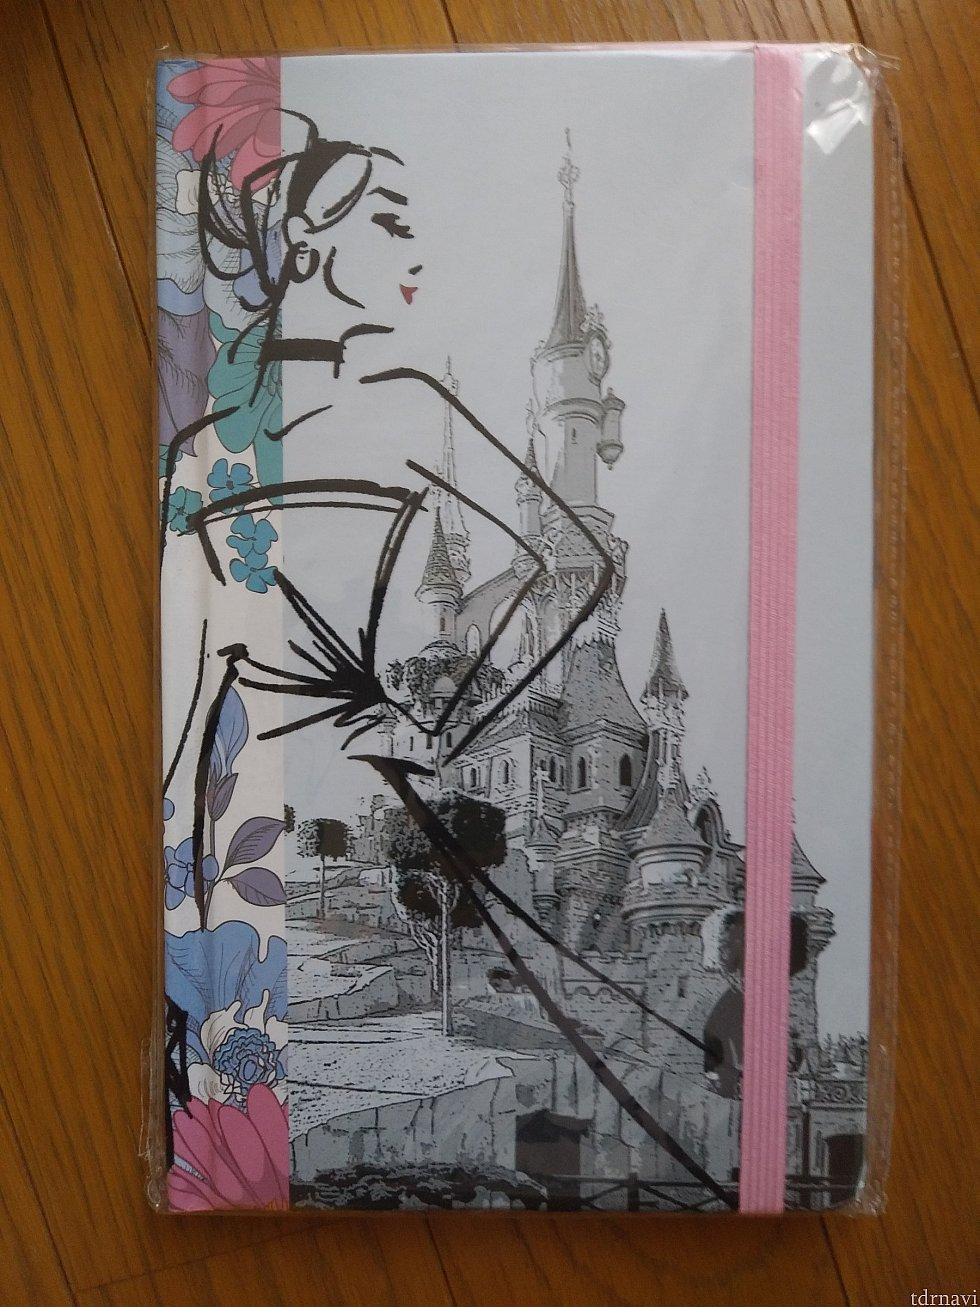 シンデレラのノート。裏面にDisneyland Parisと書いてある。